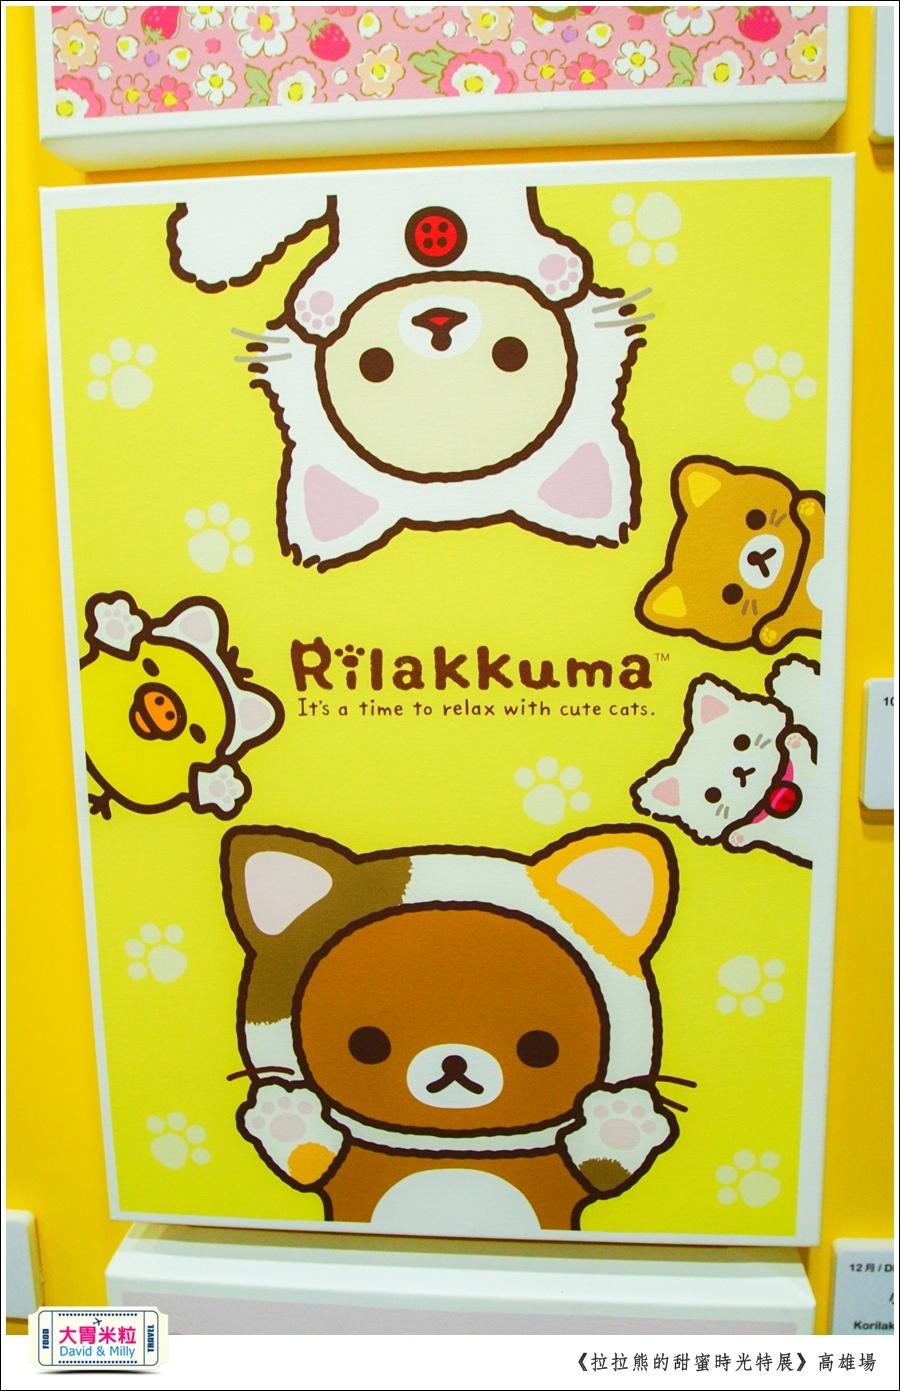 2016高雄展覽推薦@拉拉熊的甜蜜時光特展高雄場@大胃米粒0021.jpg